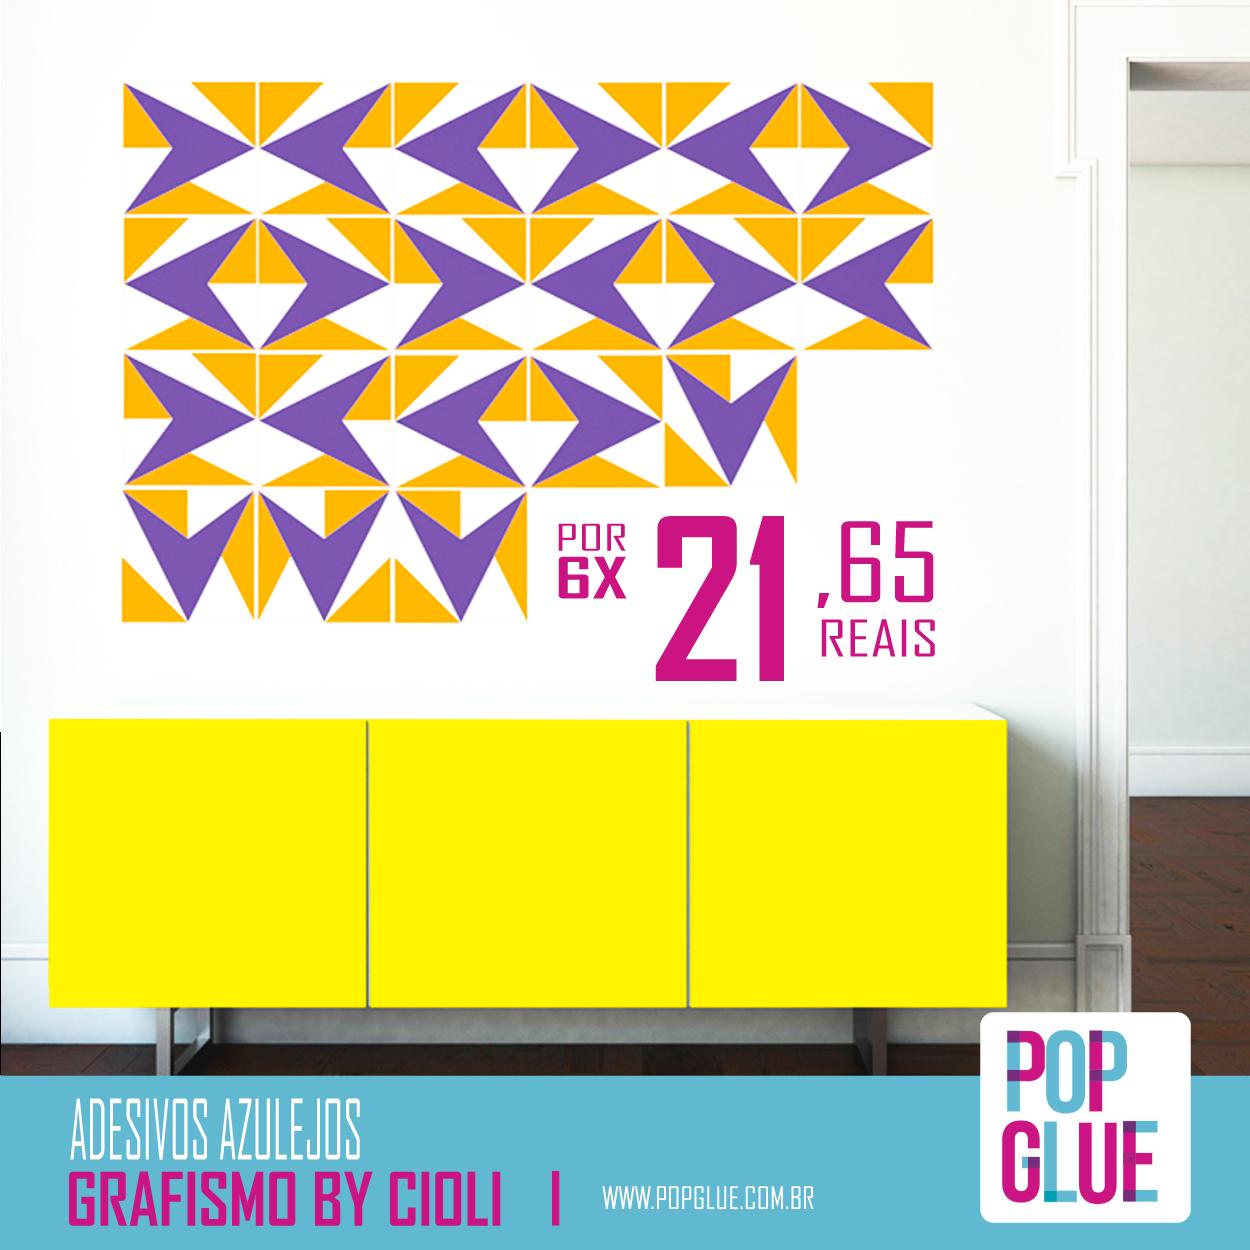 Depois desse adesivo, vai ter que contratar um médico de plantão para tanto queixo caído na sua sala! #SejaPop #LardoceLar  www.popglue.com.br   #PopGlue #Pop #Decor #Fashion #Arte #Adesivo #Decoracao #Home #Euquero #AdesivoDecorativo #Love #BH #SP #RJ